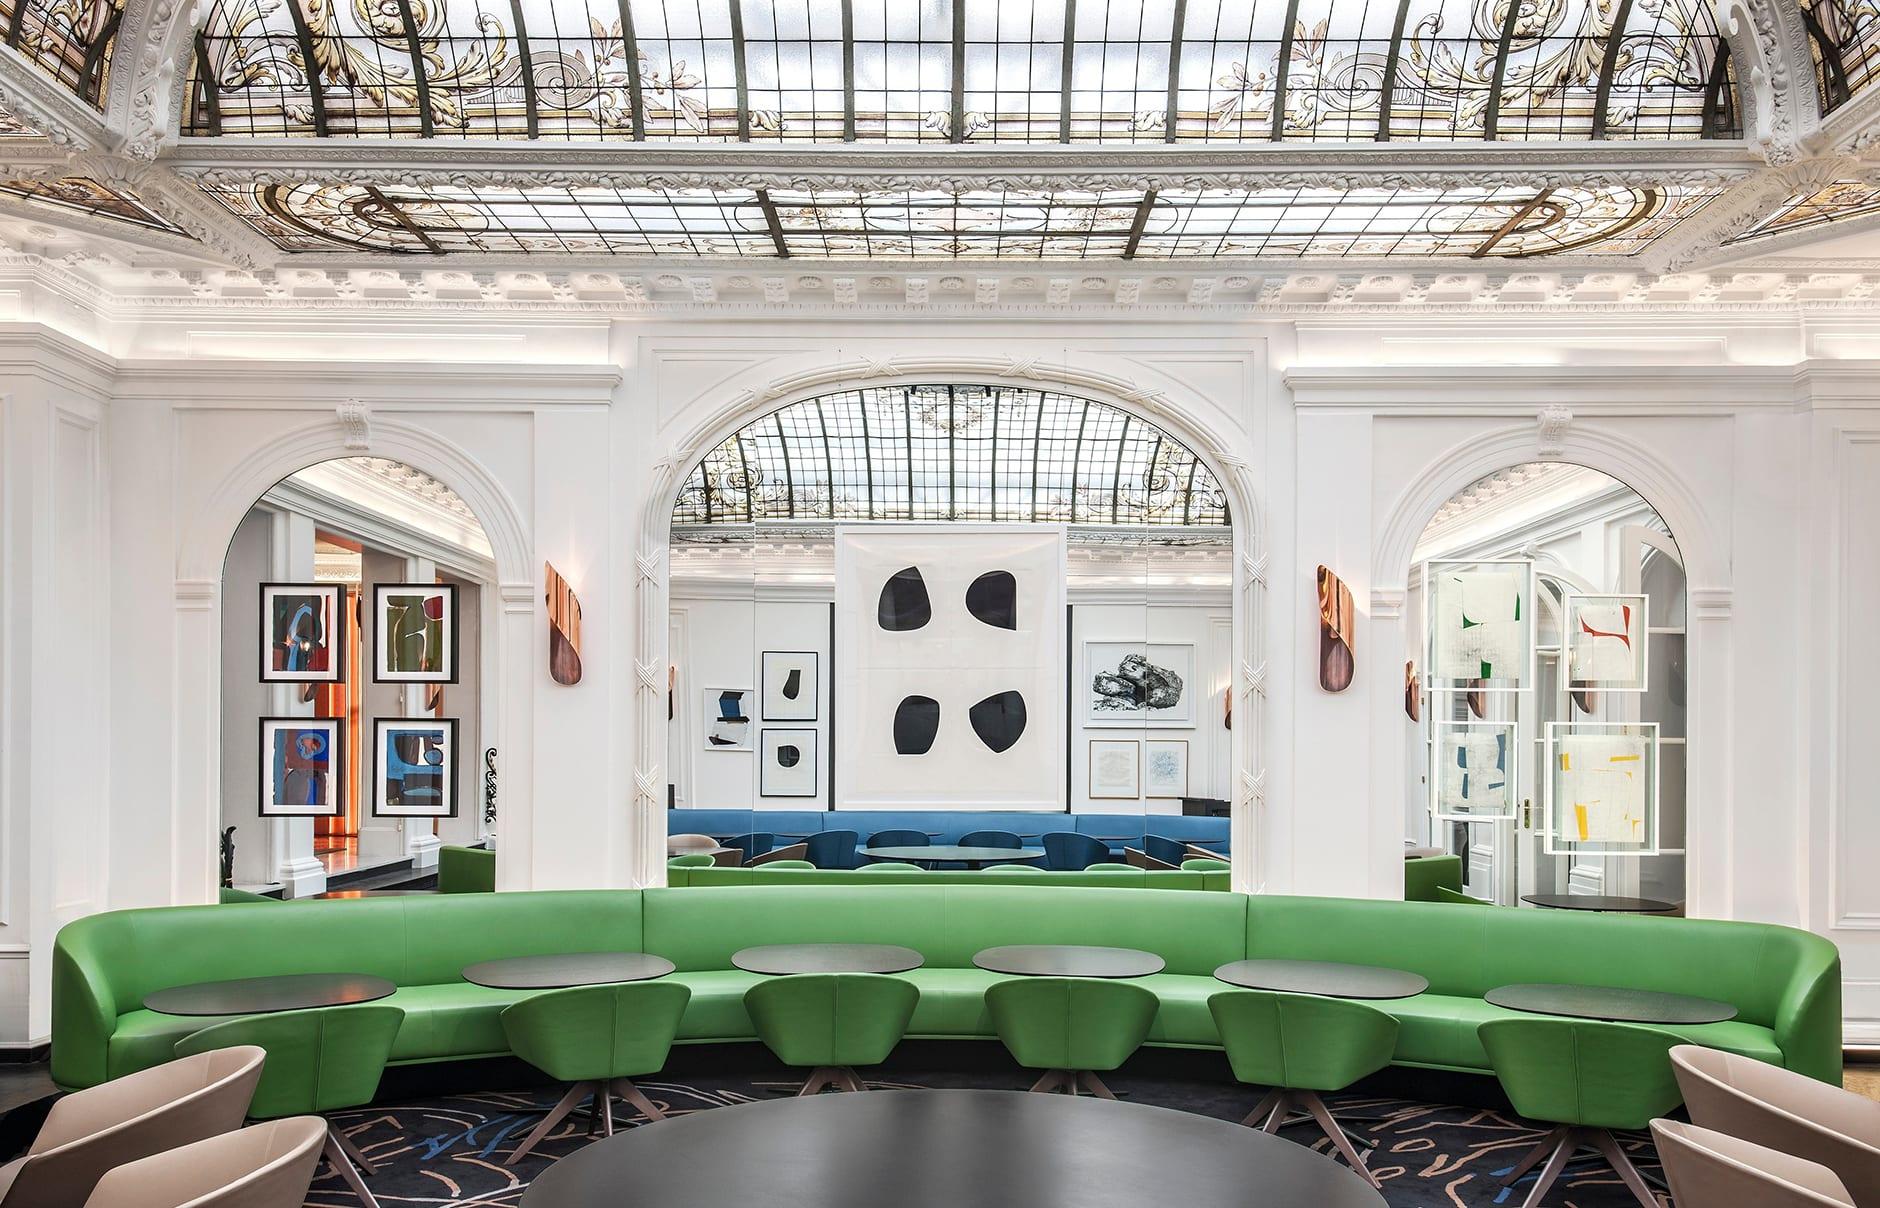 Hôtel Vernet, Paris, France. Hotel Review by TravelPlusStyle. Photo © Hôtel Vernet